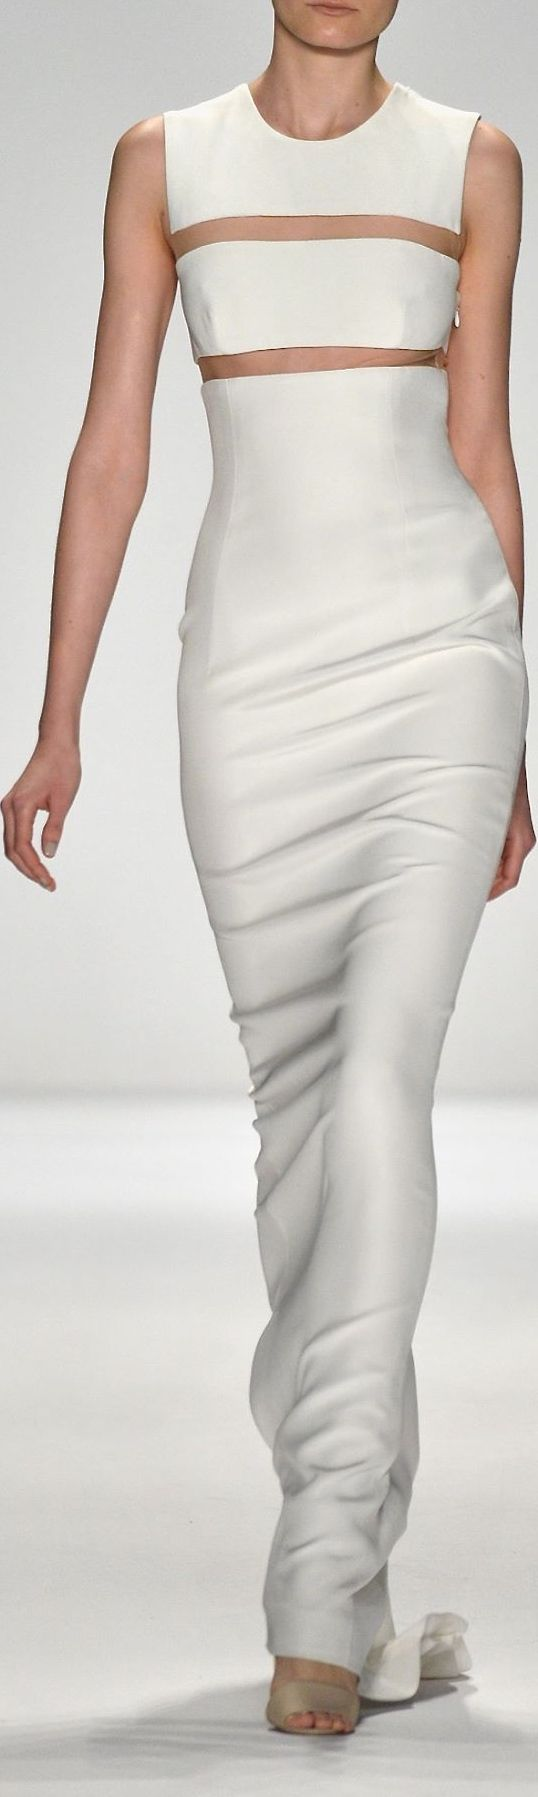 Mercedes Benz Fashion Week. Admired by FalconFabrics.com.au